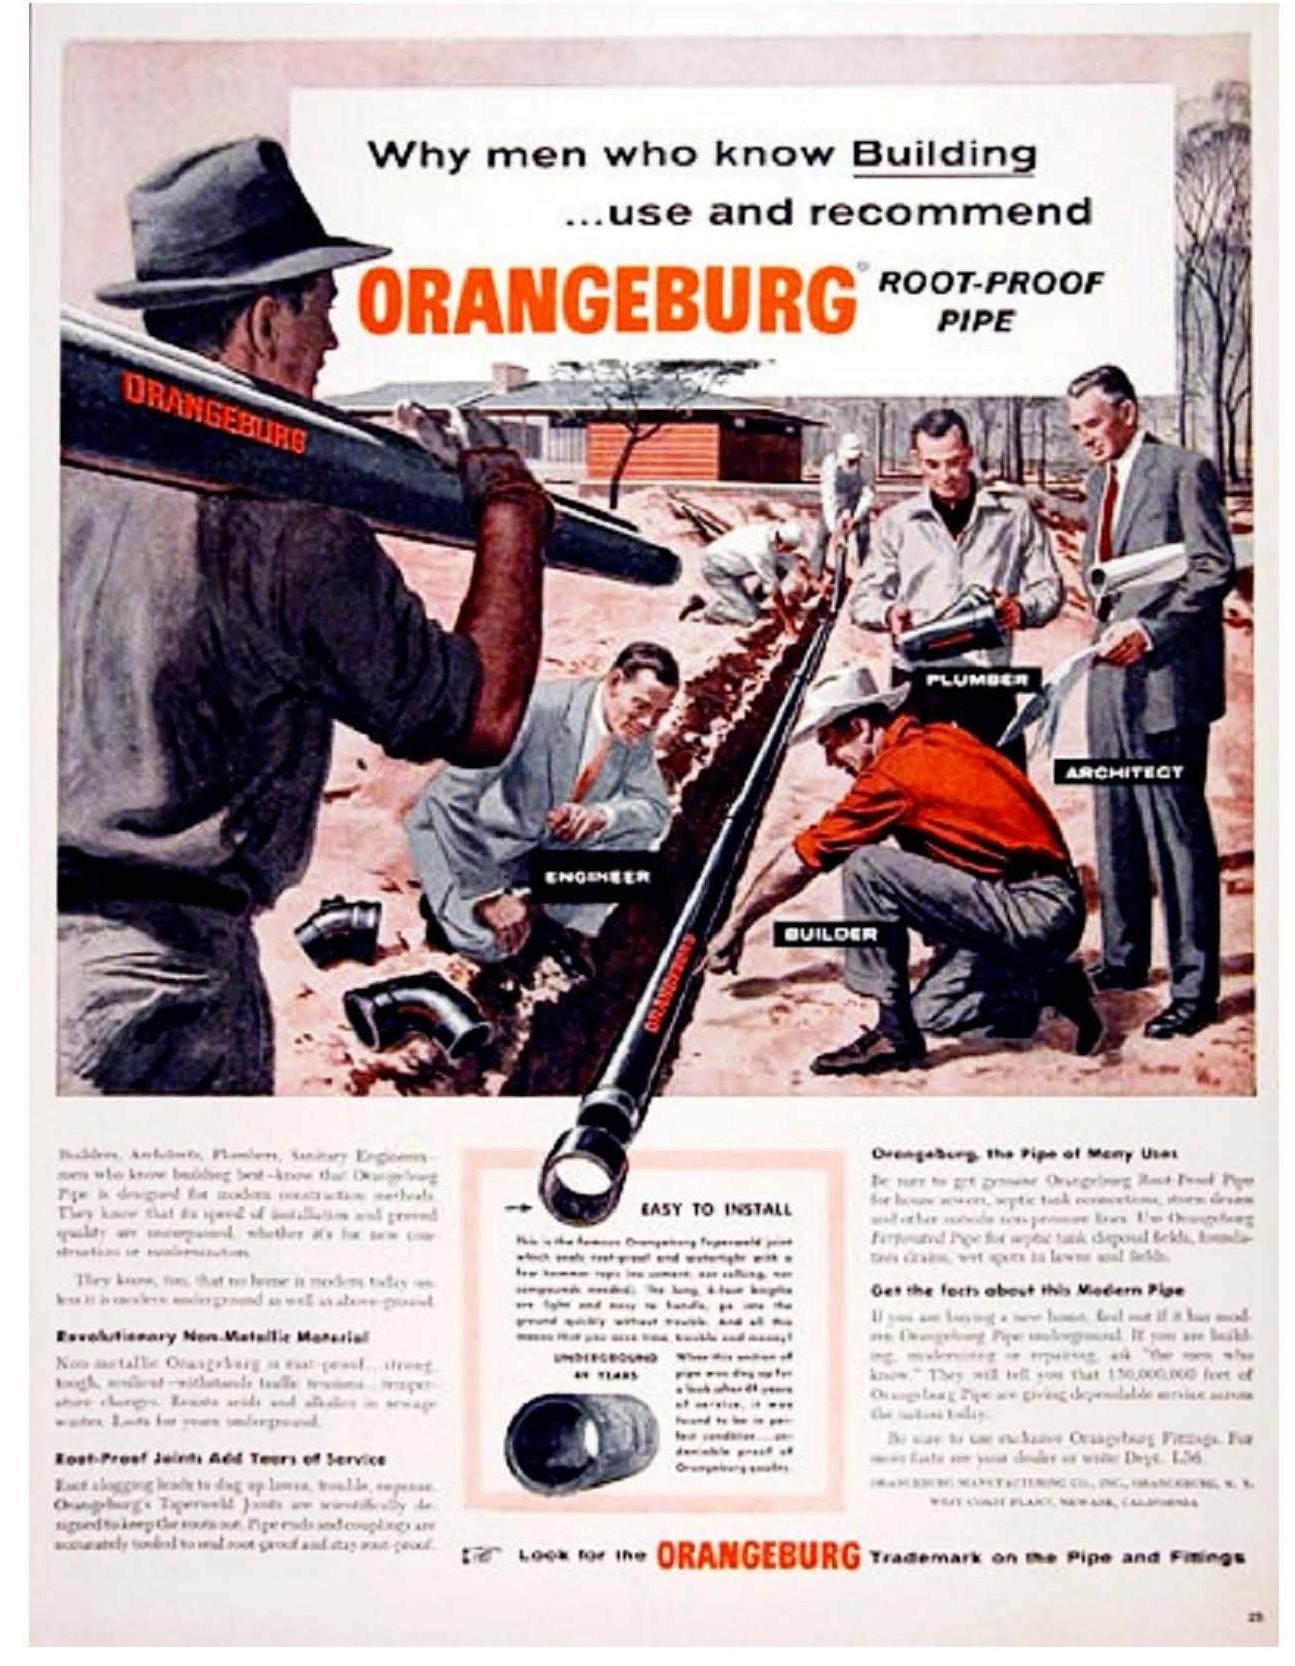 Orangeburg ad